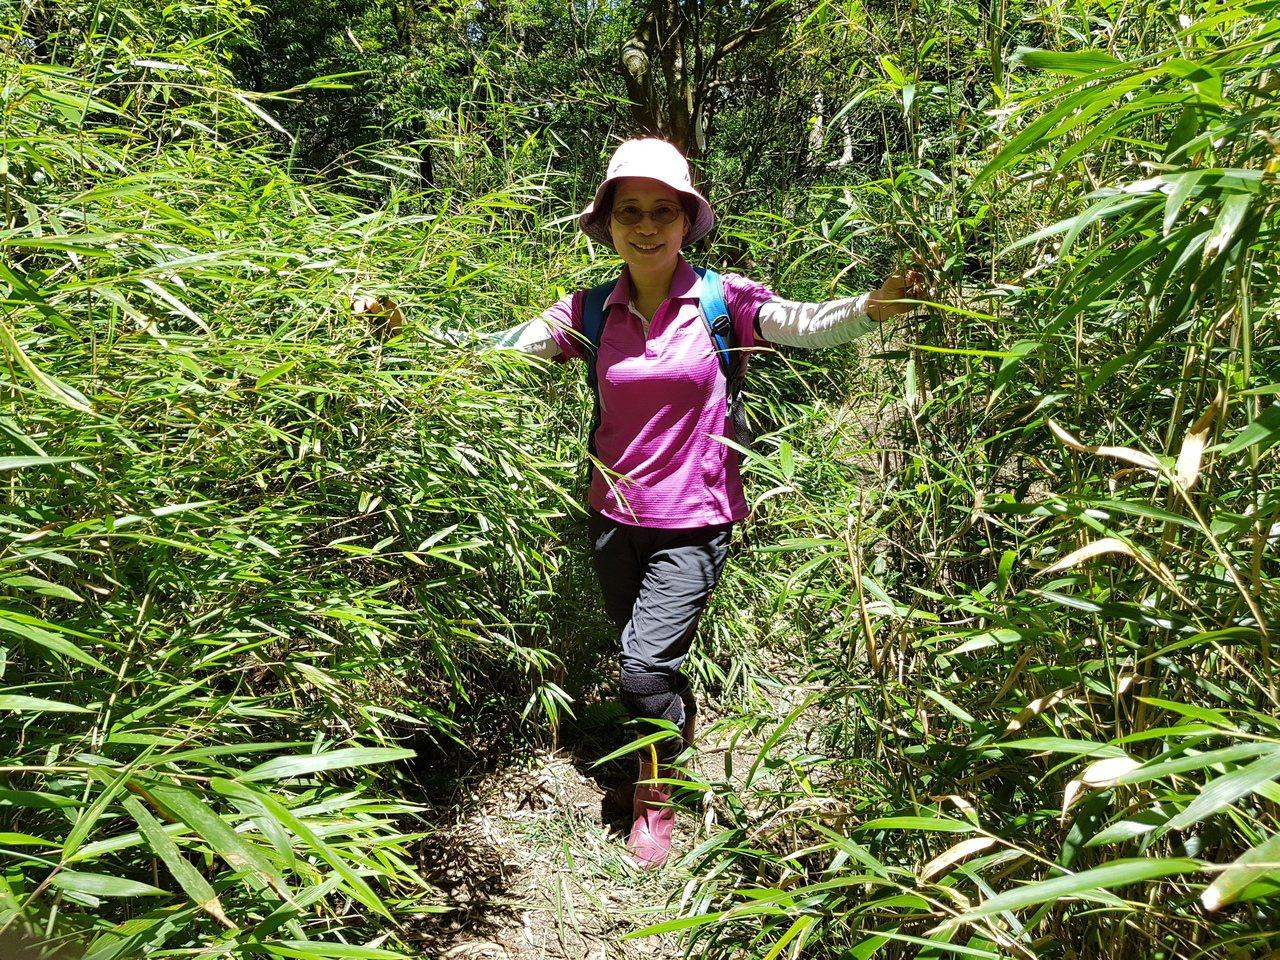 加里山林相豐富,除了柳山林,還有大片的箭竹林。記者黃瑞典/攝影